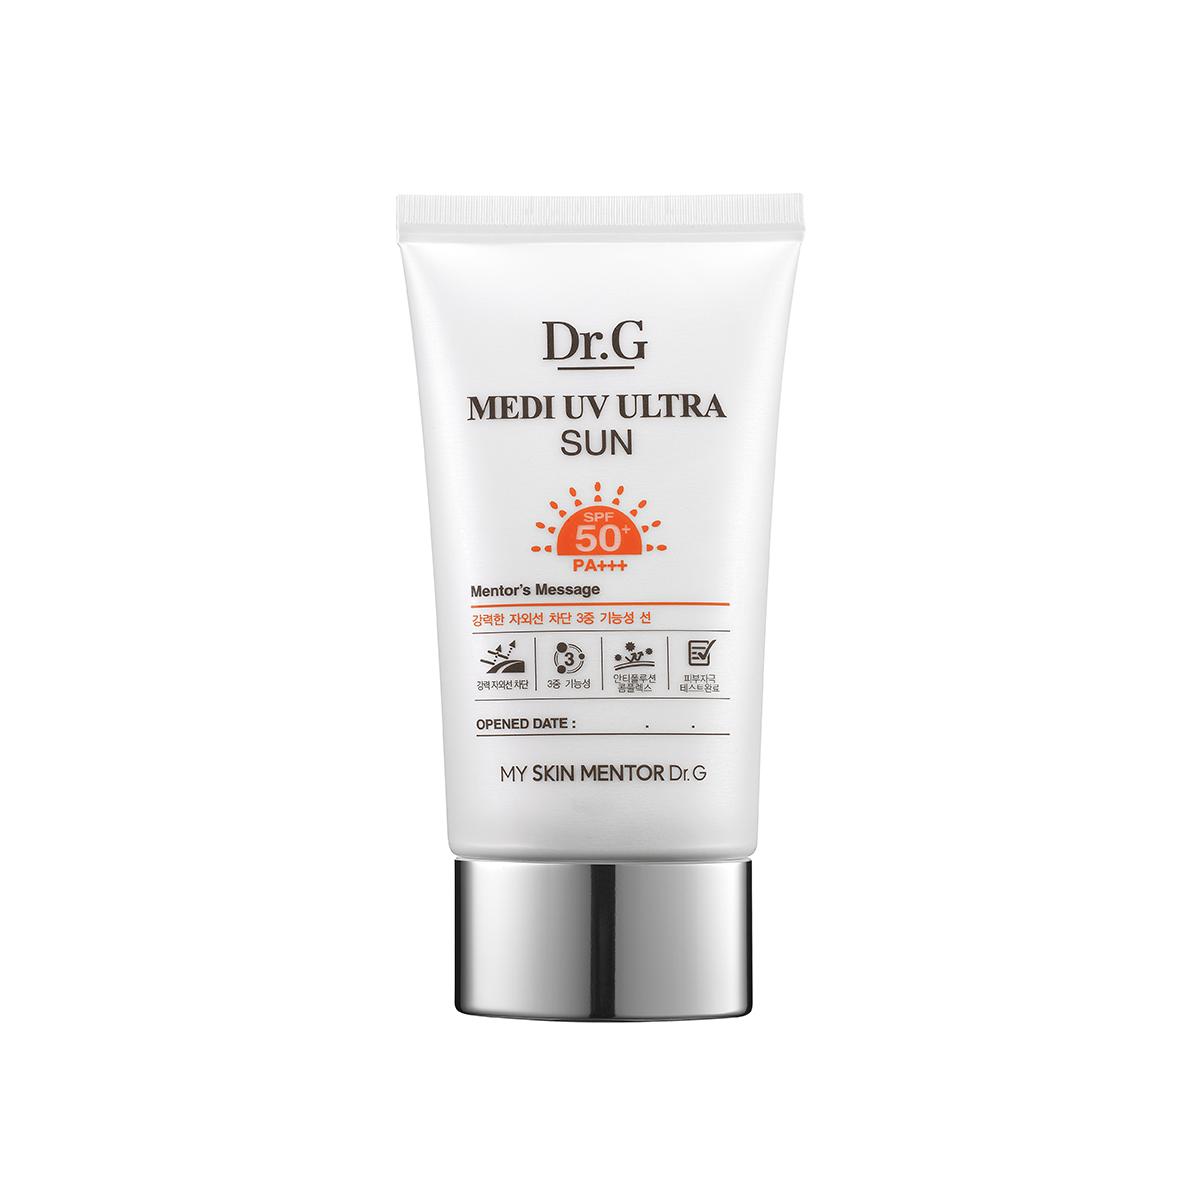 Dr. G Крем солнцезащитный SPF50+ PA+++ Sun, 50 млDG134540Солнцезащитный крем обладает успокаивающими, укрепляющими и регенерирующими свойствами. Защищает от солнца, глубоко увлажняет кожу, защищает от проявления пигментации и венушек. Гипоаллергенная формула протестирована на чувствительной коже под дерматологическим контролем. Солнцезащитный крем не оставляет белесого тона кожи.